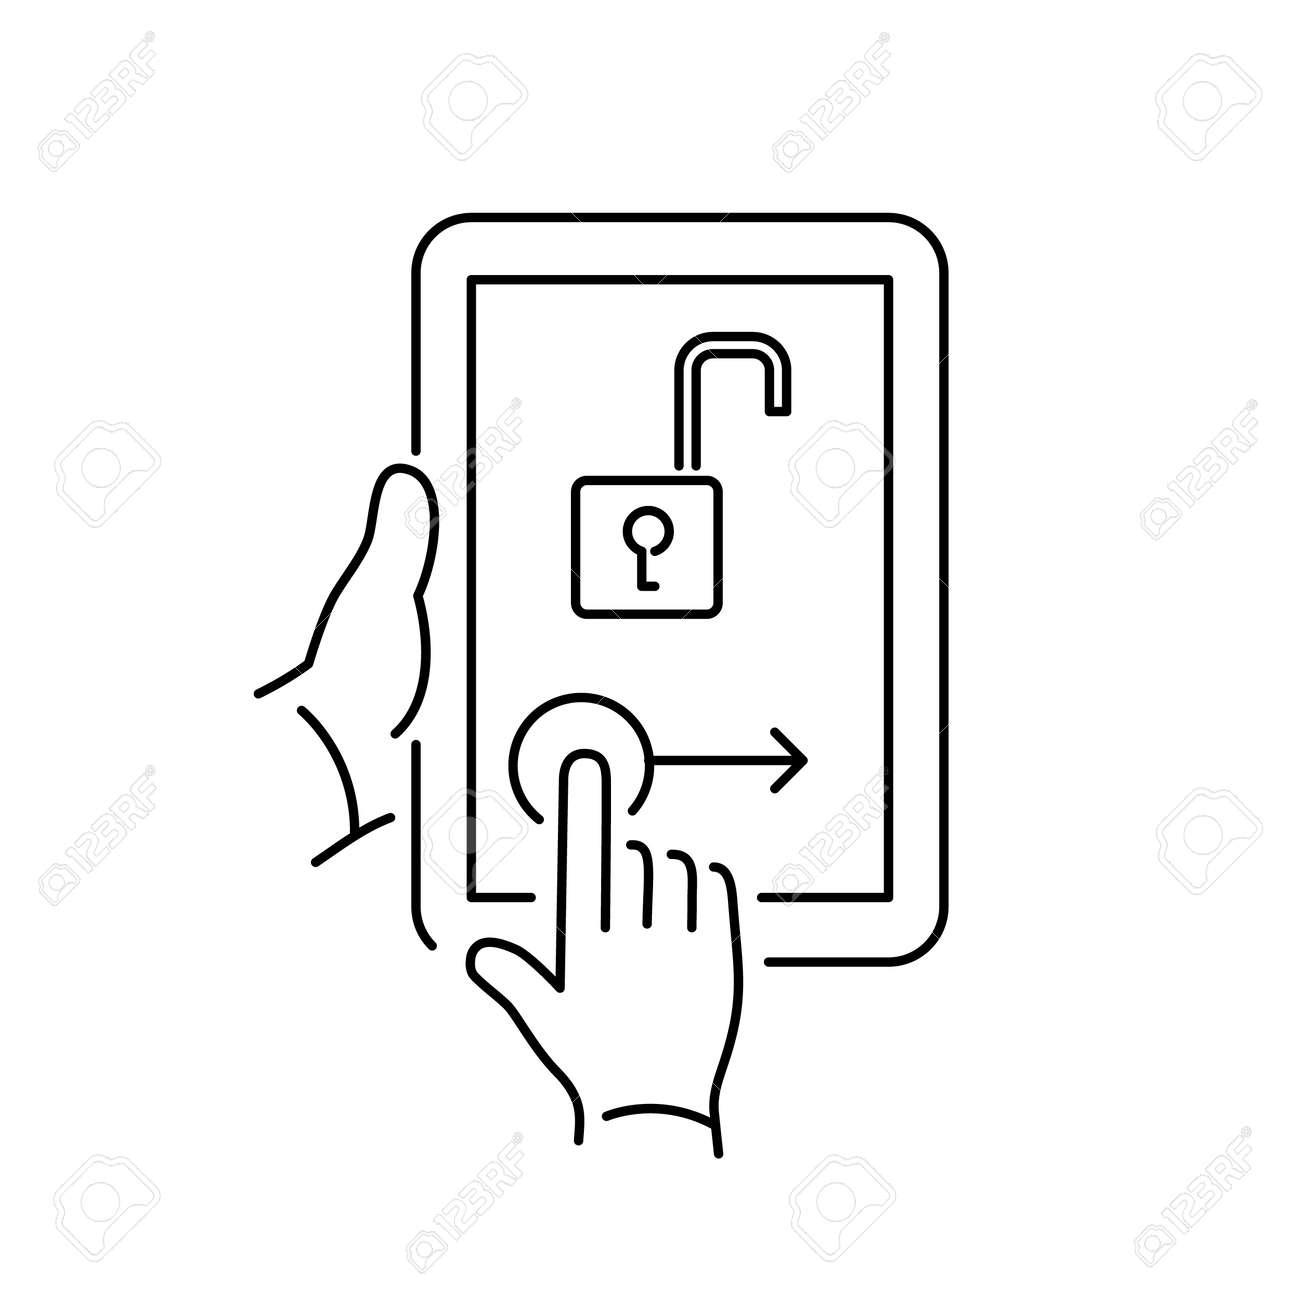 ロックを解除するホーム画面のジェスチャーでベクトルの線形タブレット アイコン フラットなデザイン黒の細い線モダンなイラストや白い背景で隔離のインフォ グラフィックのイラスト素材 ベクタ Image